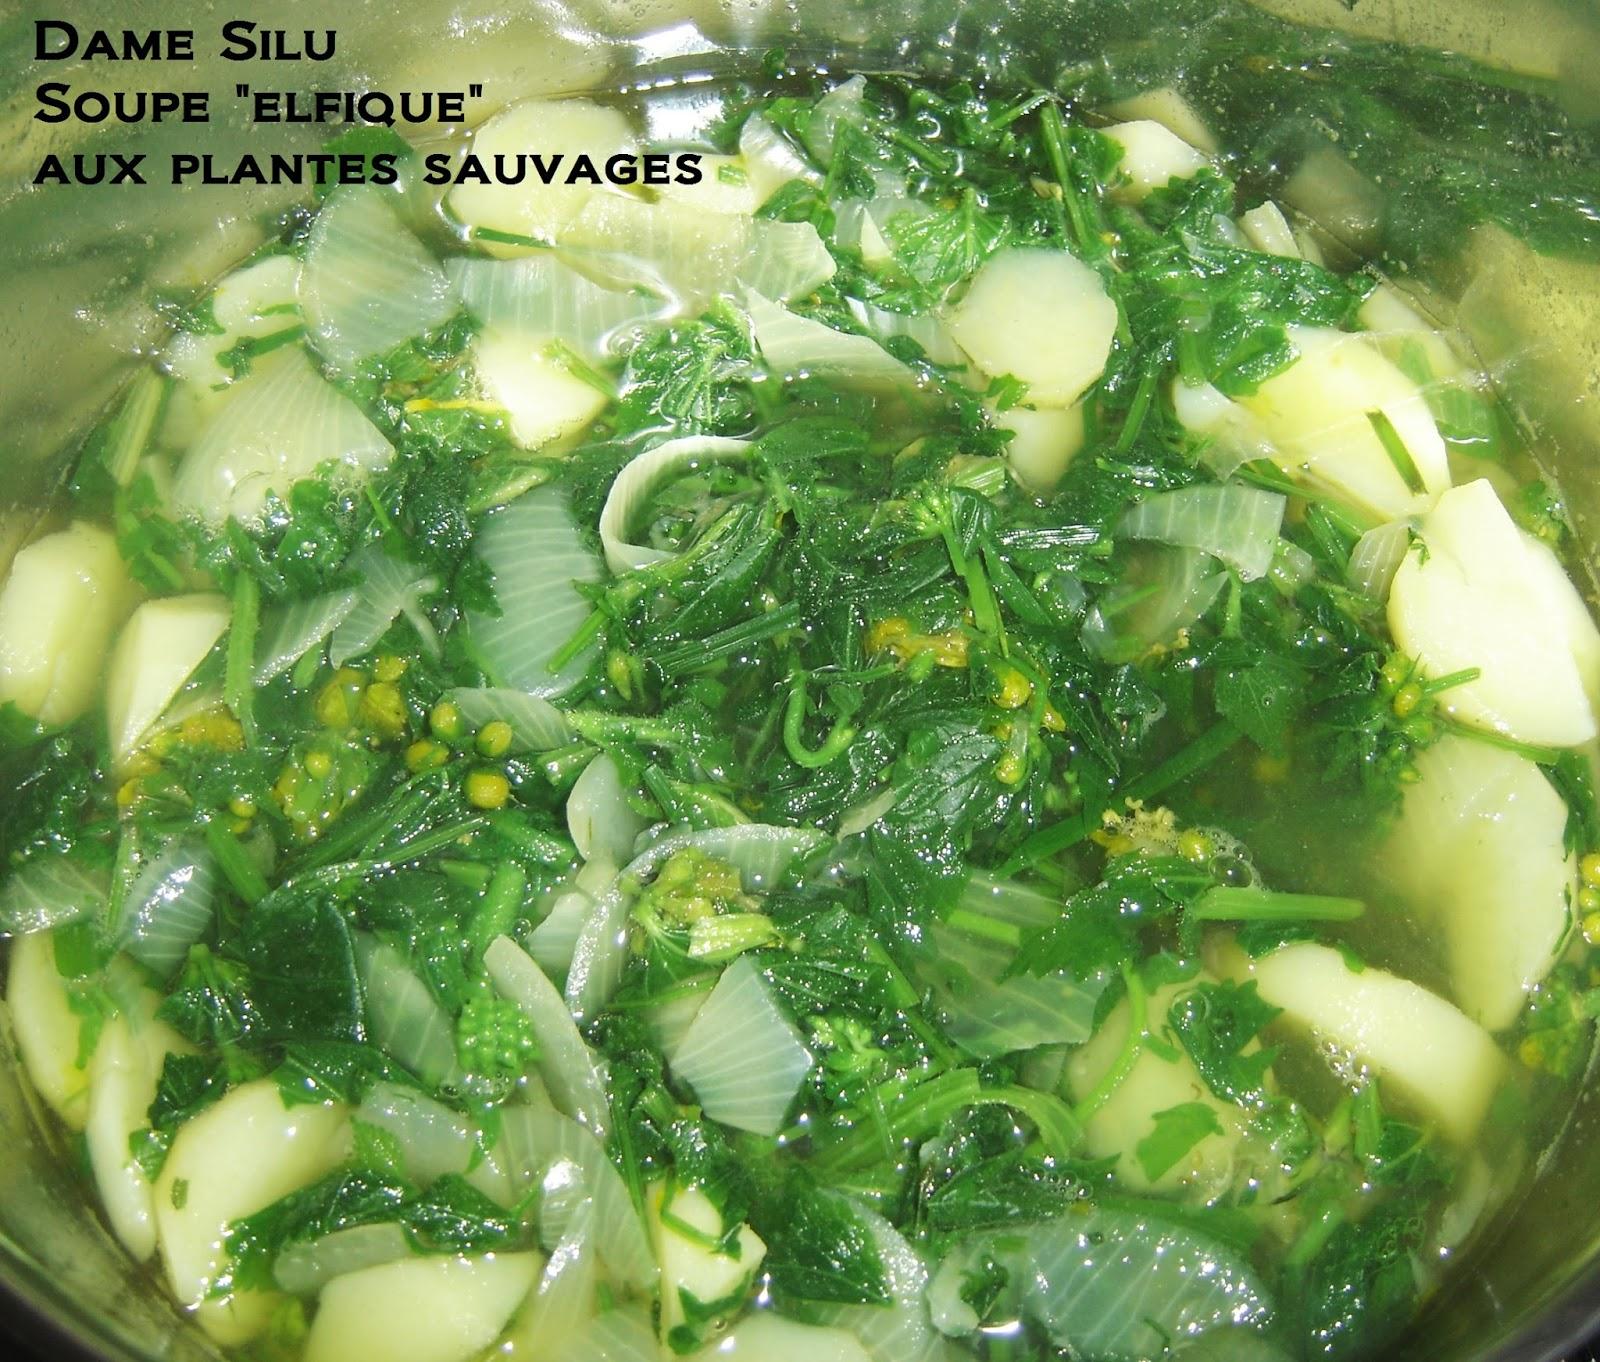 Dame silu l 39 elfe noire cuisine sauvage la soupe elfique - Cuisine plantes sauvages ...